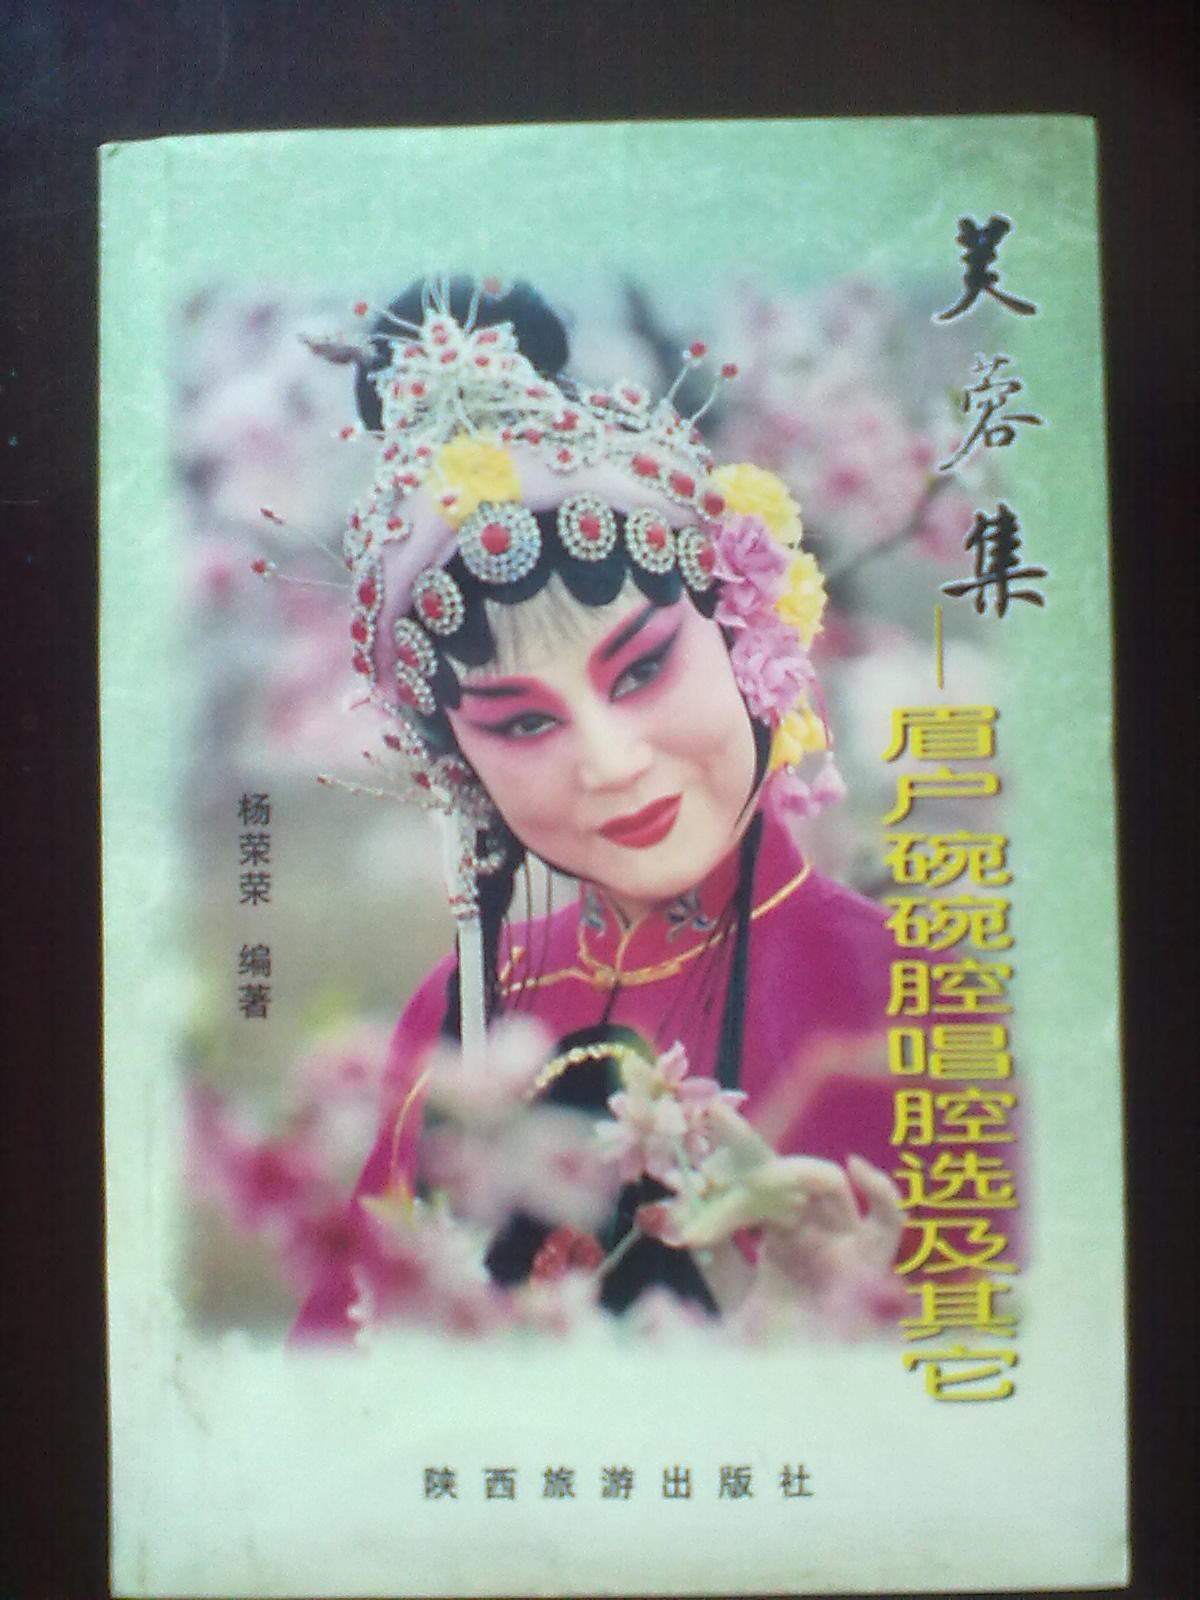 1032芙蓉集 眉户 碗碗腔 秦腔 剧本 戏曲 曲谱 秦